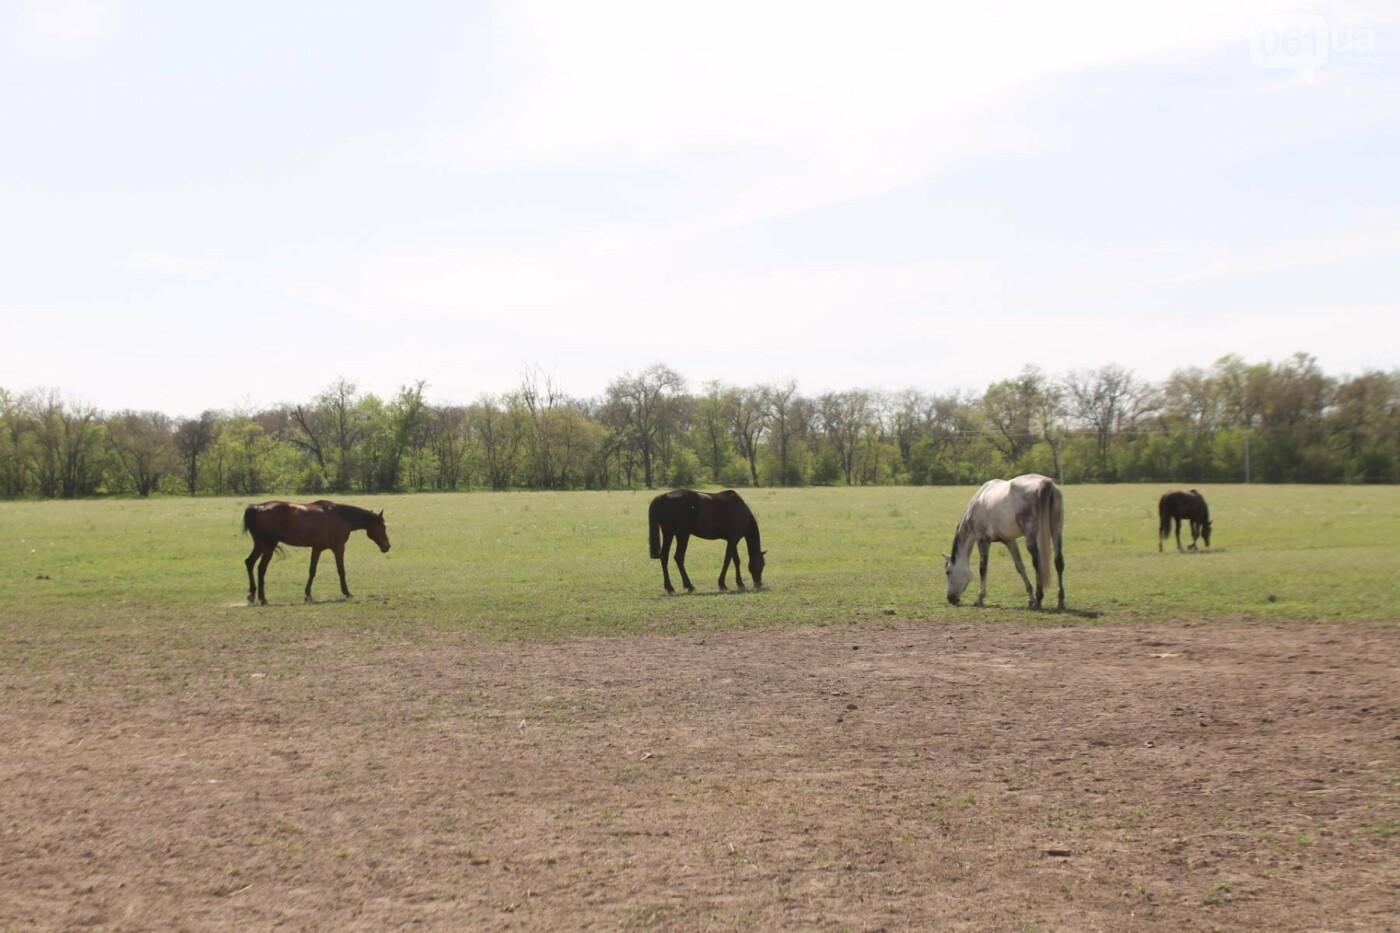 Незабываемое общение с лошадьми: экскурсия в конноспортивный клуб «Патриот», – ФОТОРЕПОРТАЖ, фото-11